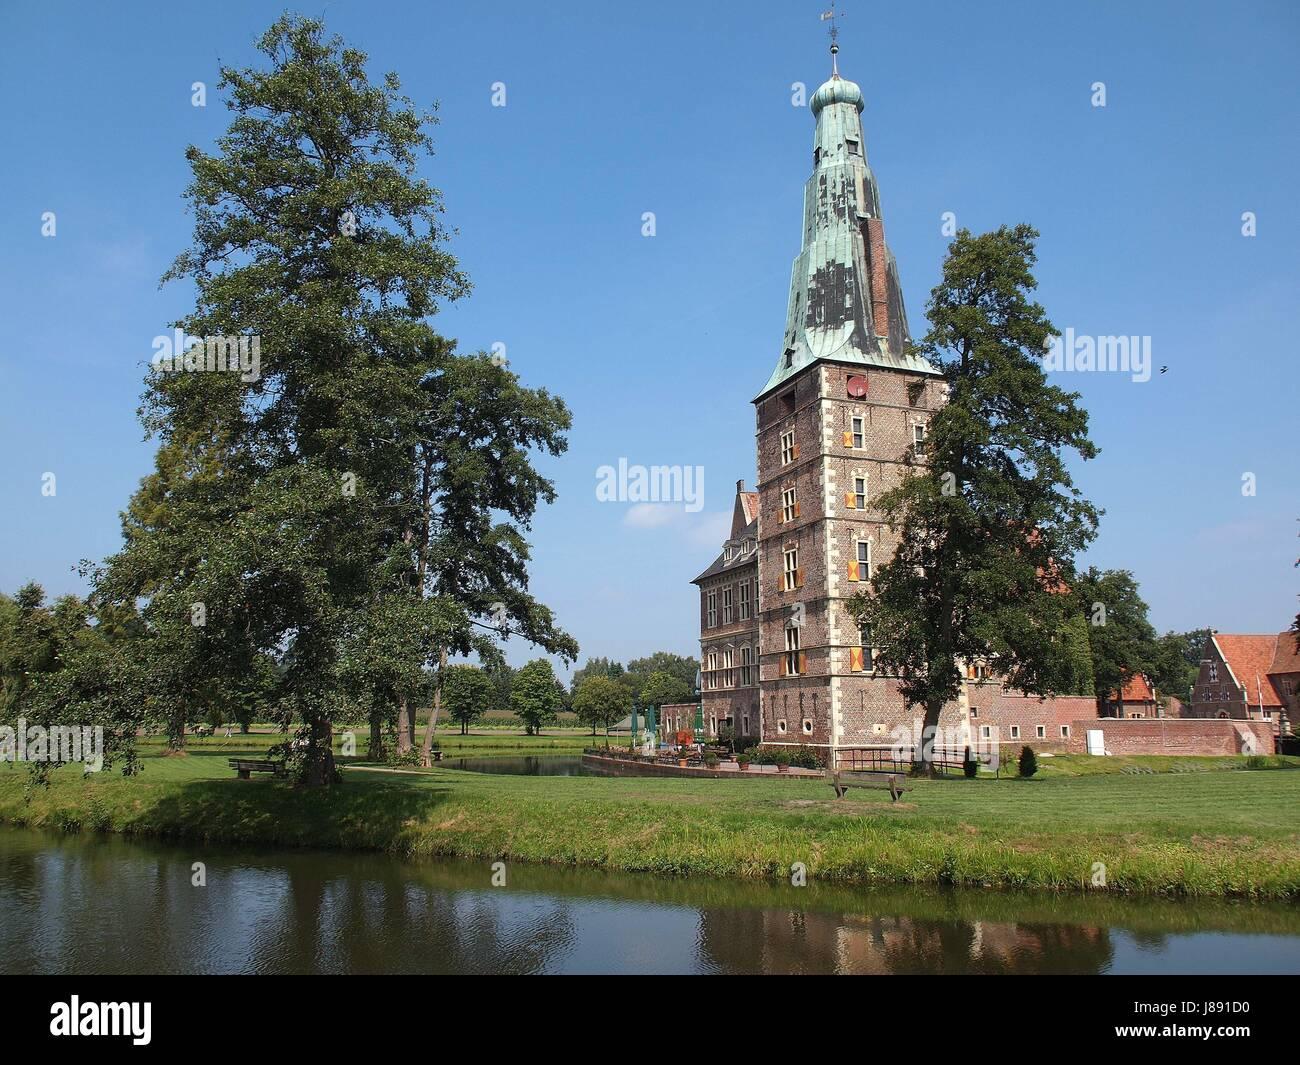 water, nature, tower, bridge, bridges, locksmith, castle-moat, chateau, castle, Stock Photo